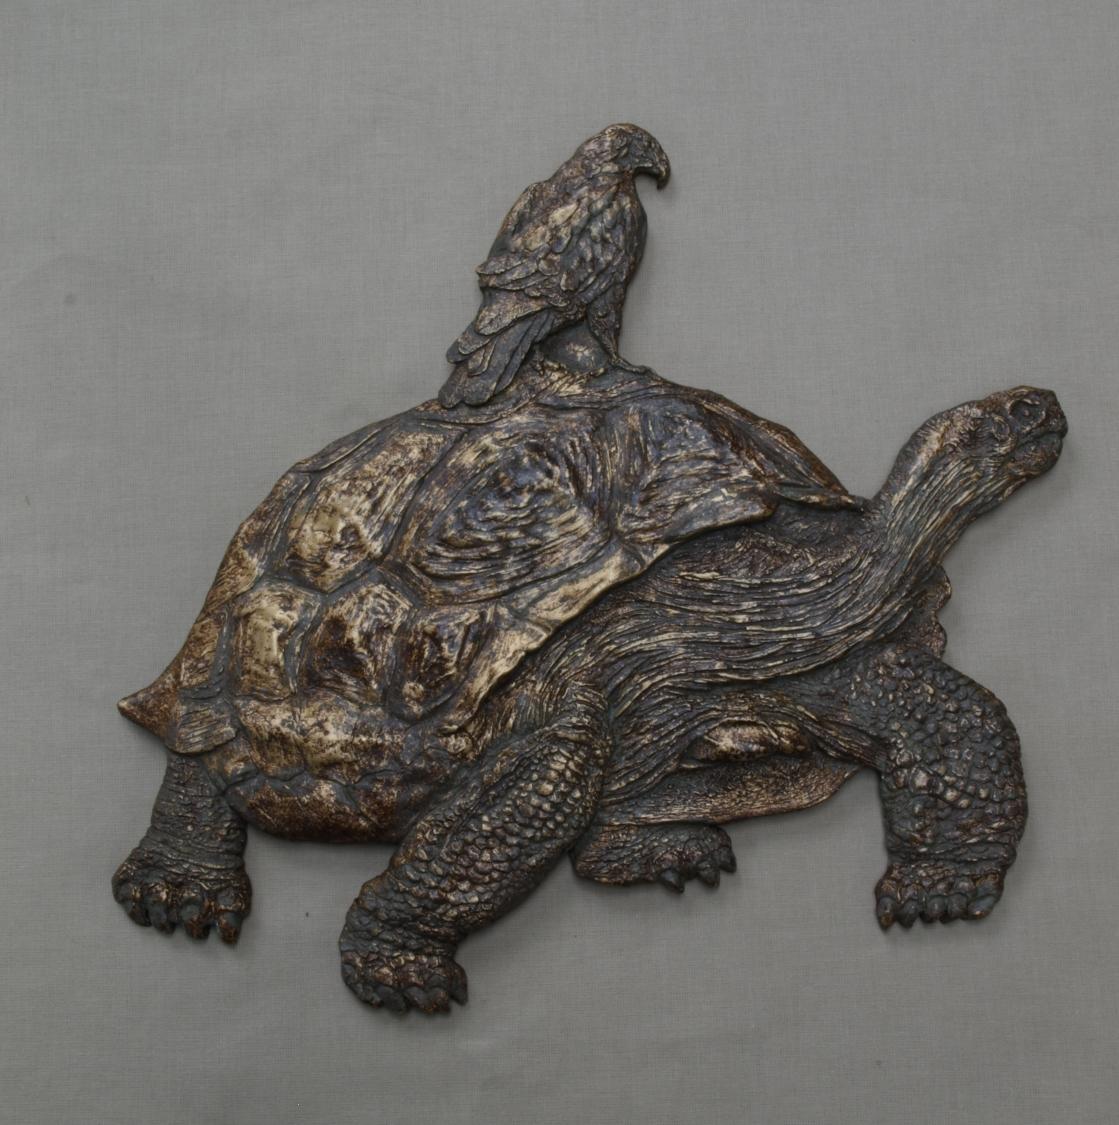 Galapagos Tortoise & Galapagos Hawk